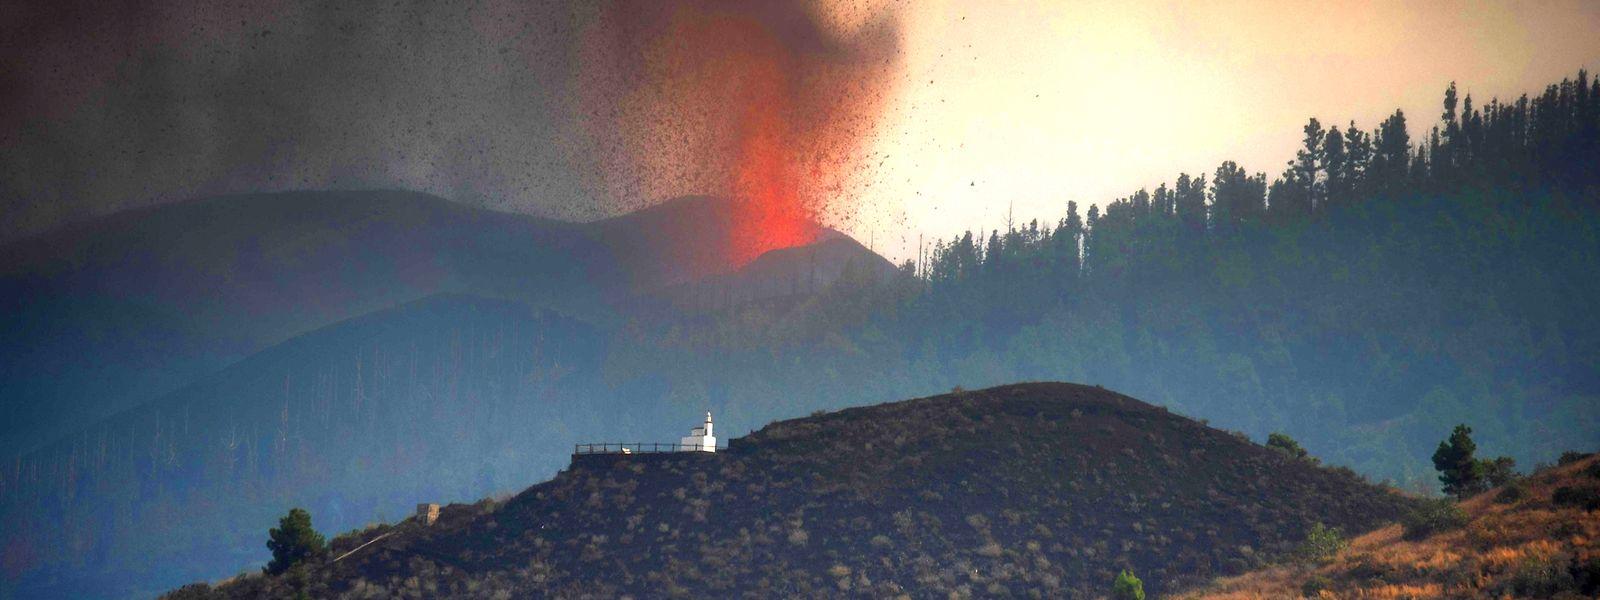 Après cinquante ans de sommeil, le Cumbre Vieja est entré en éruption le 19 septembre.